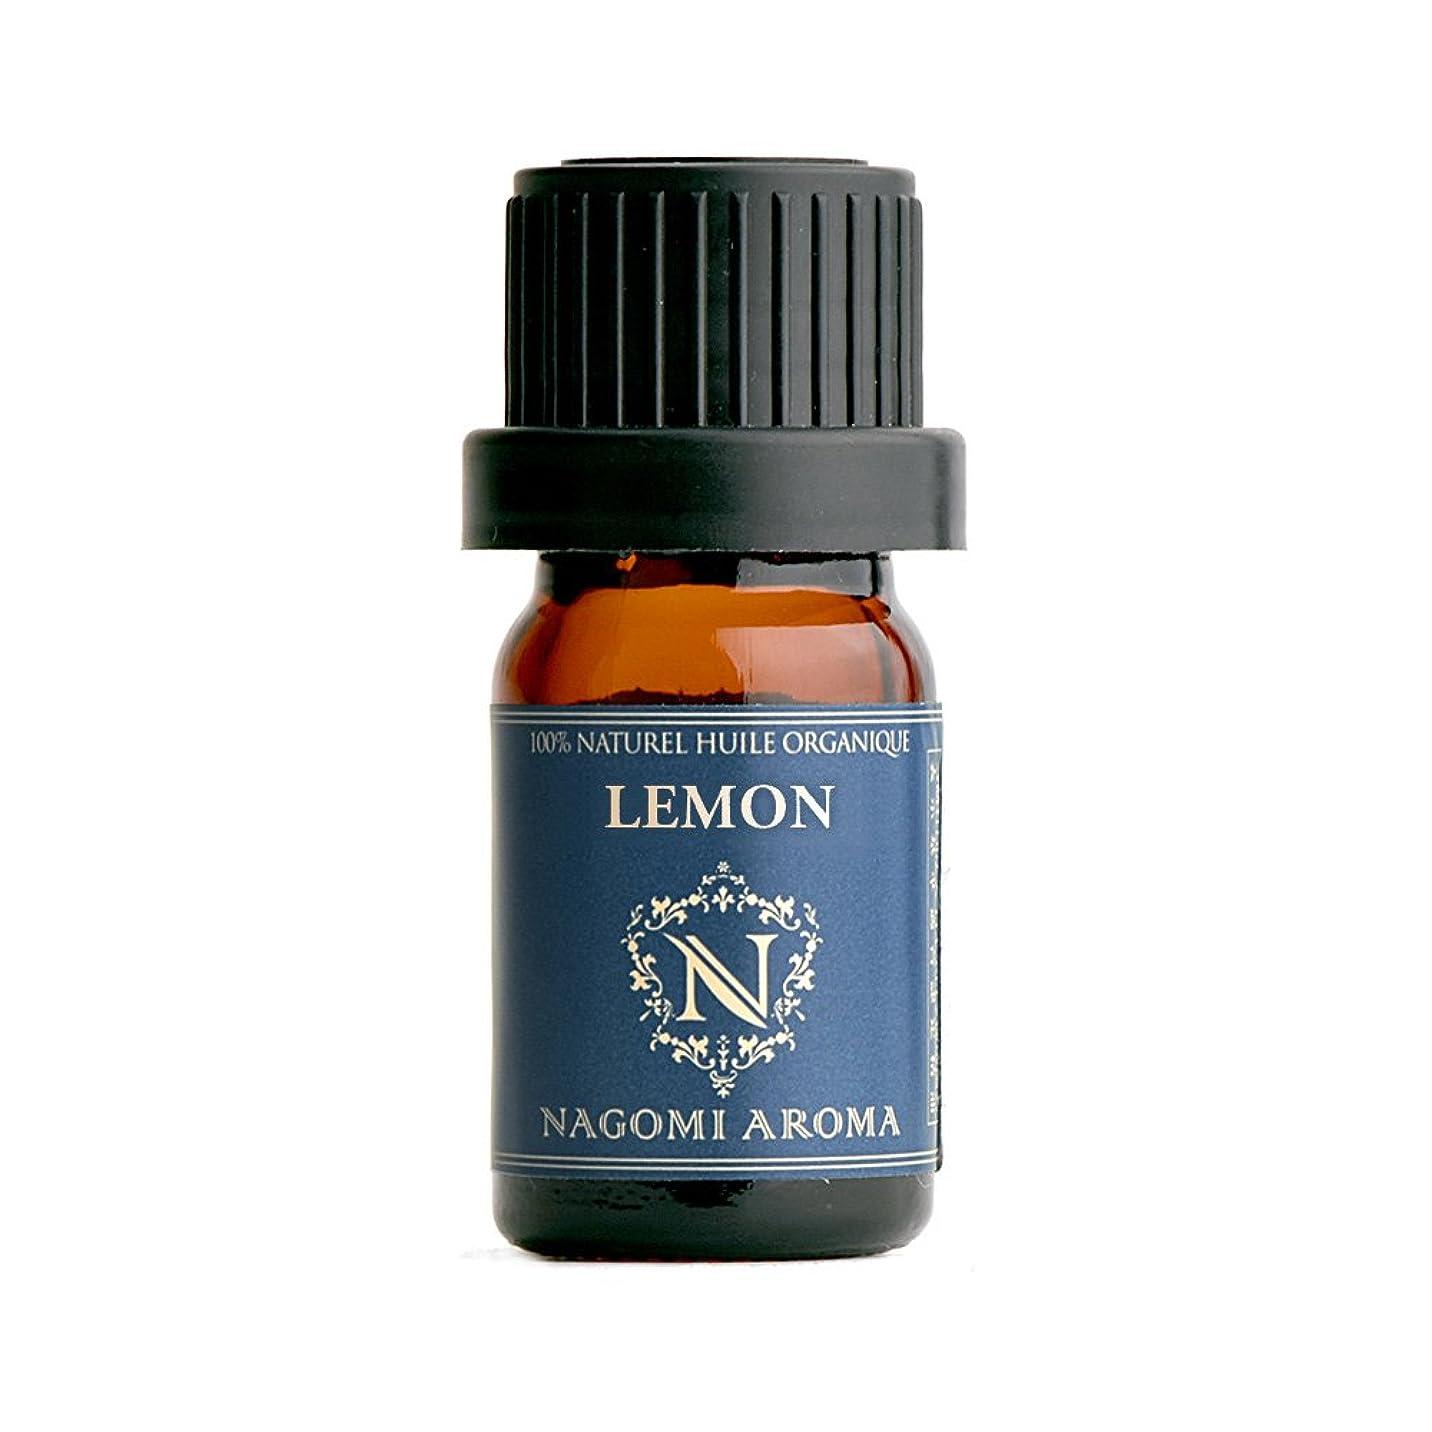 雑品少数洪水NAGOMI AROMA オーガニック レモン 5ml 【AEAJ認定精油】【アロマオイル】